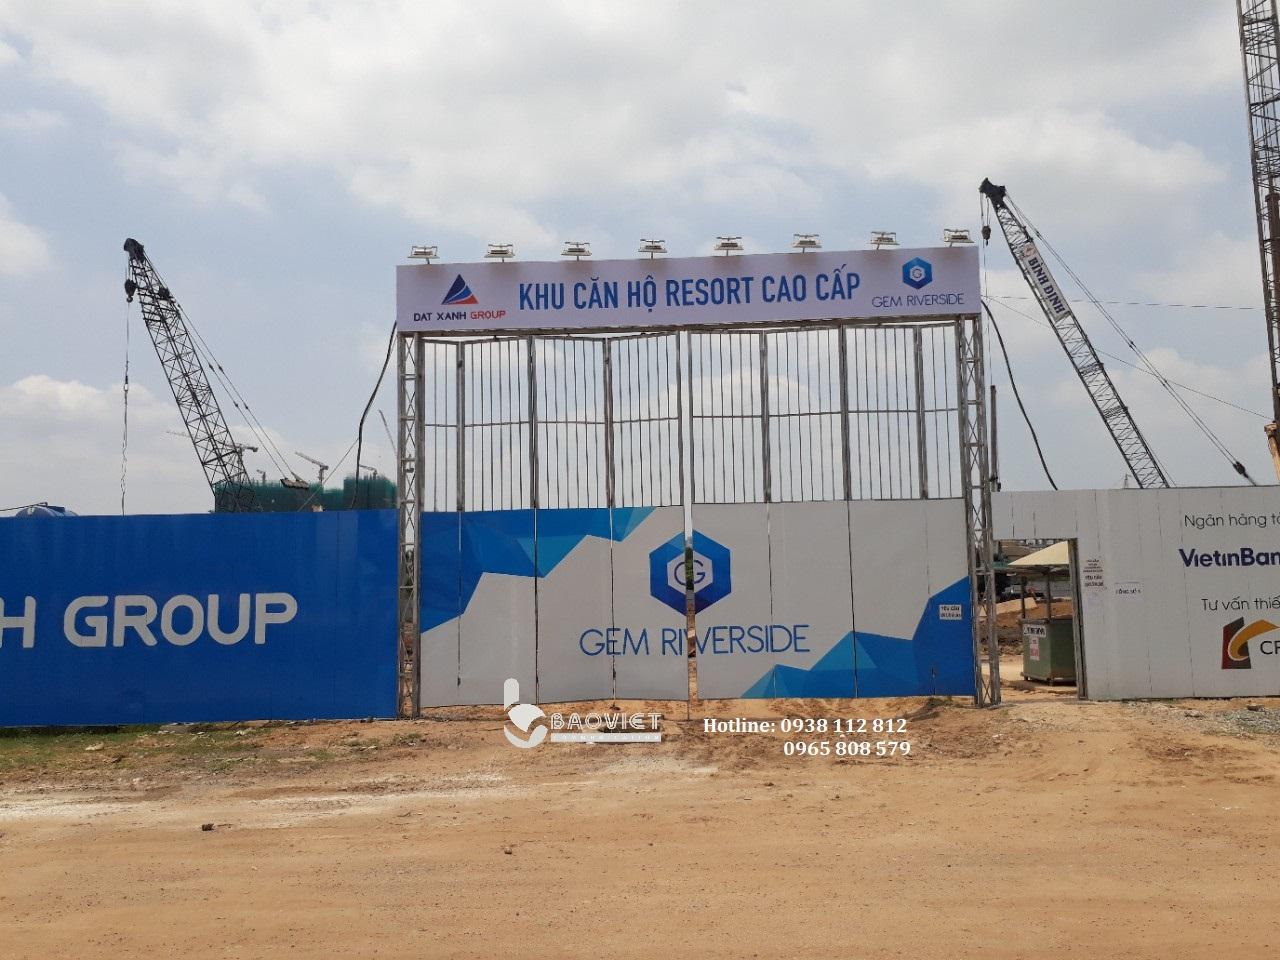 Hàng rào dự án - Gem Riverside - DXG (3)